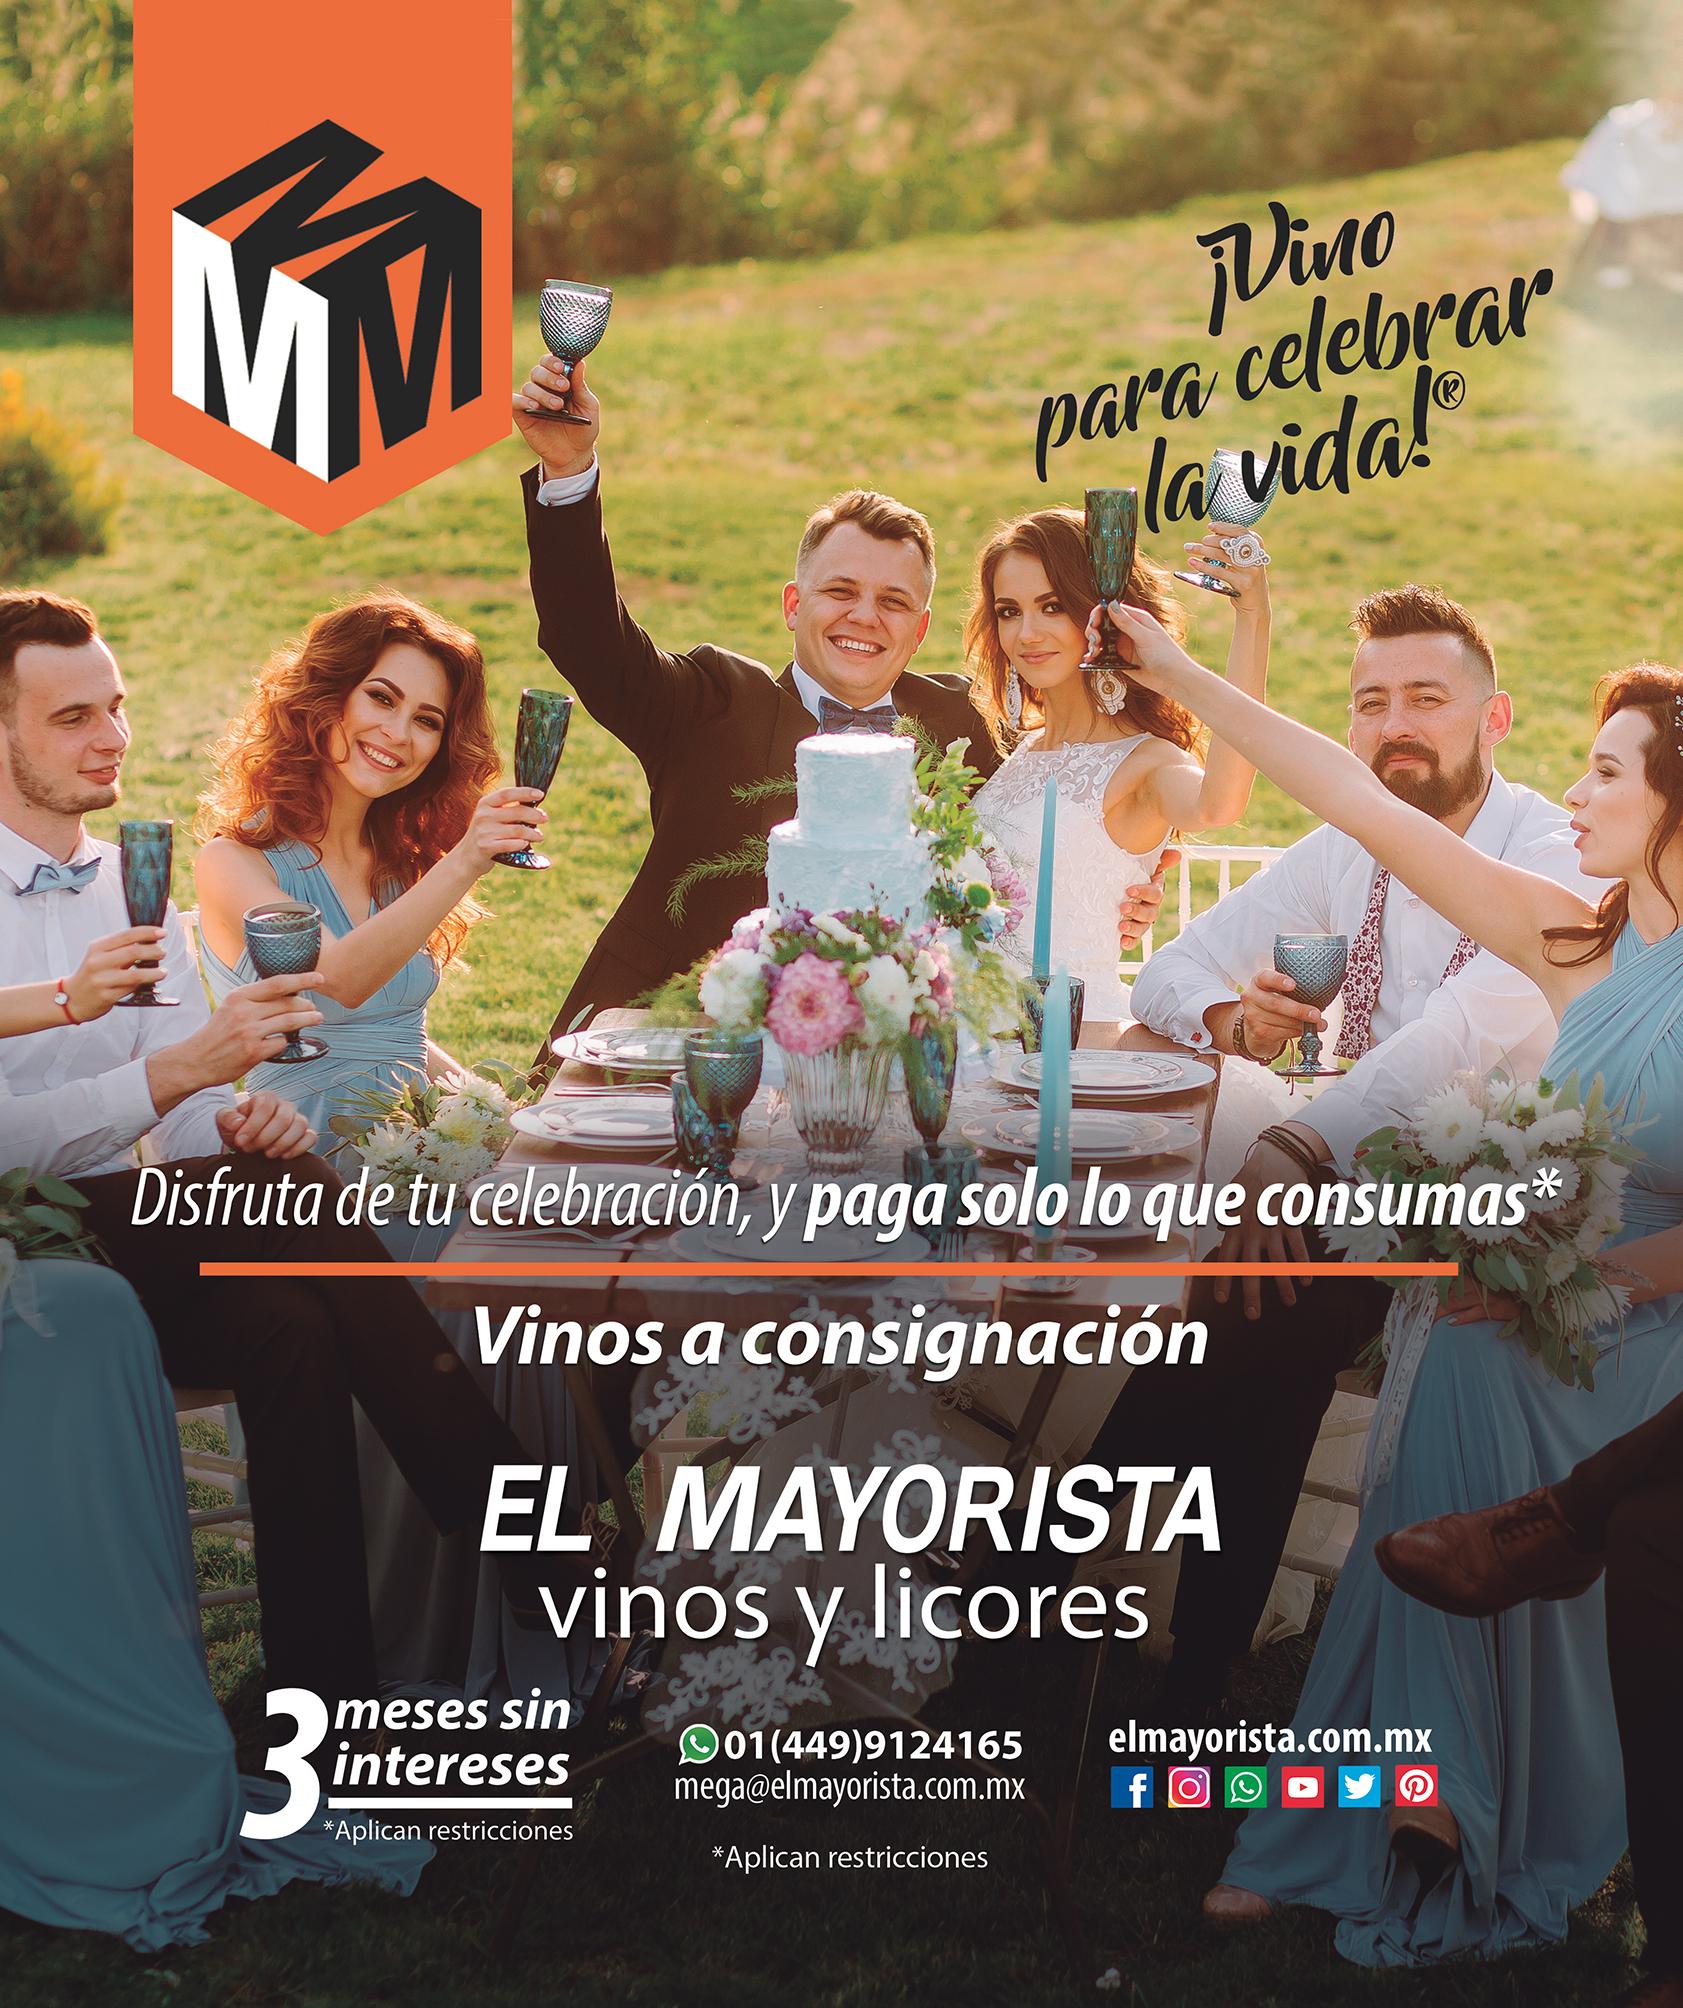 MAYOTISTA DE VINOS